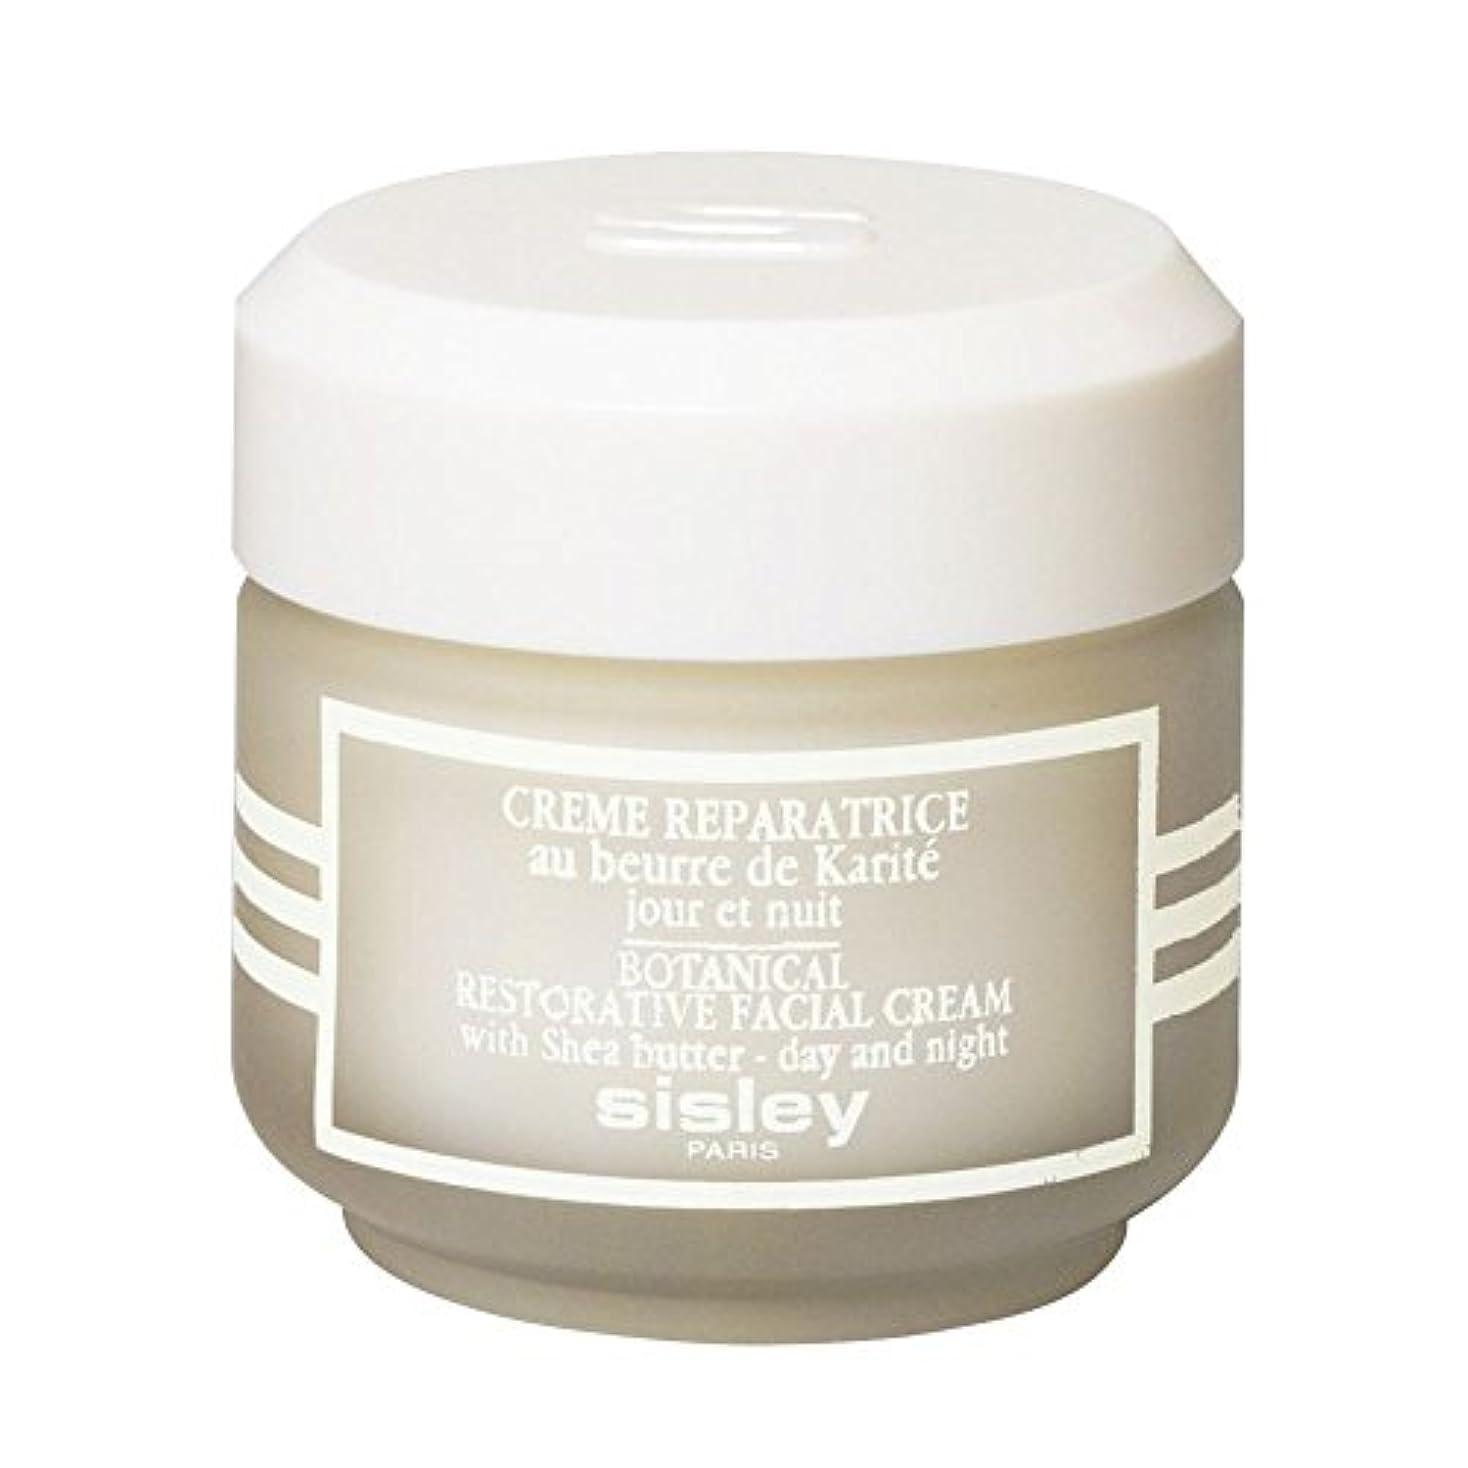 意気揚々革命事務所[Sisley] シスレーボタニカル修復フェイスクリーム、50ミリリットル - Sisley Botanical Restorative Face Cream, 50ml [並行輸入品]